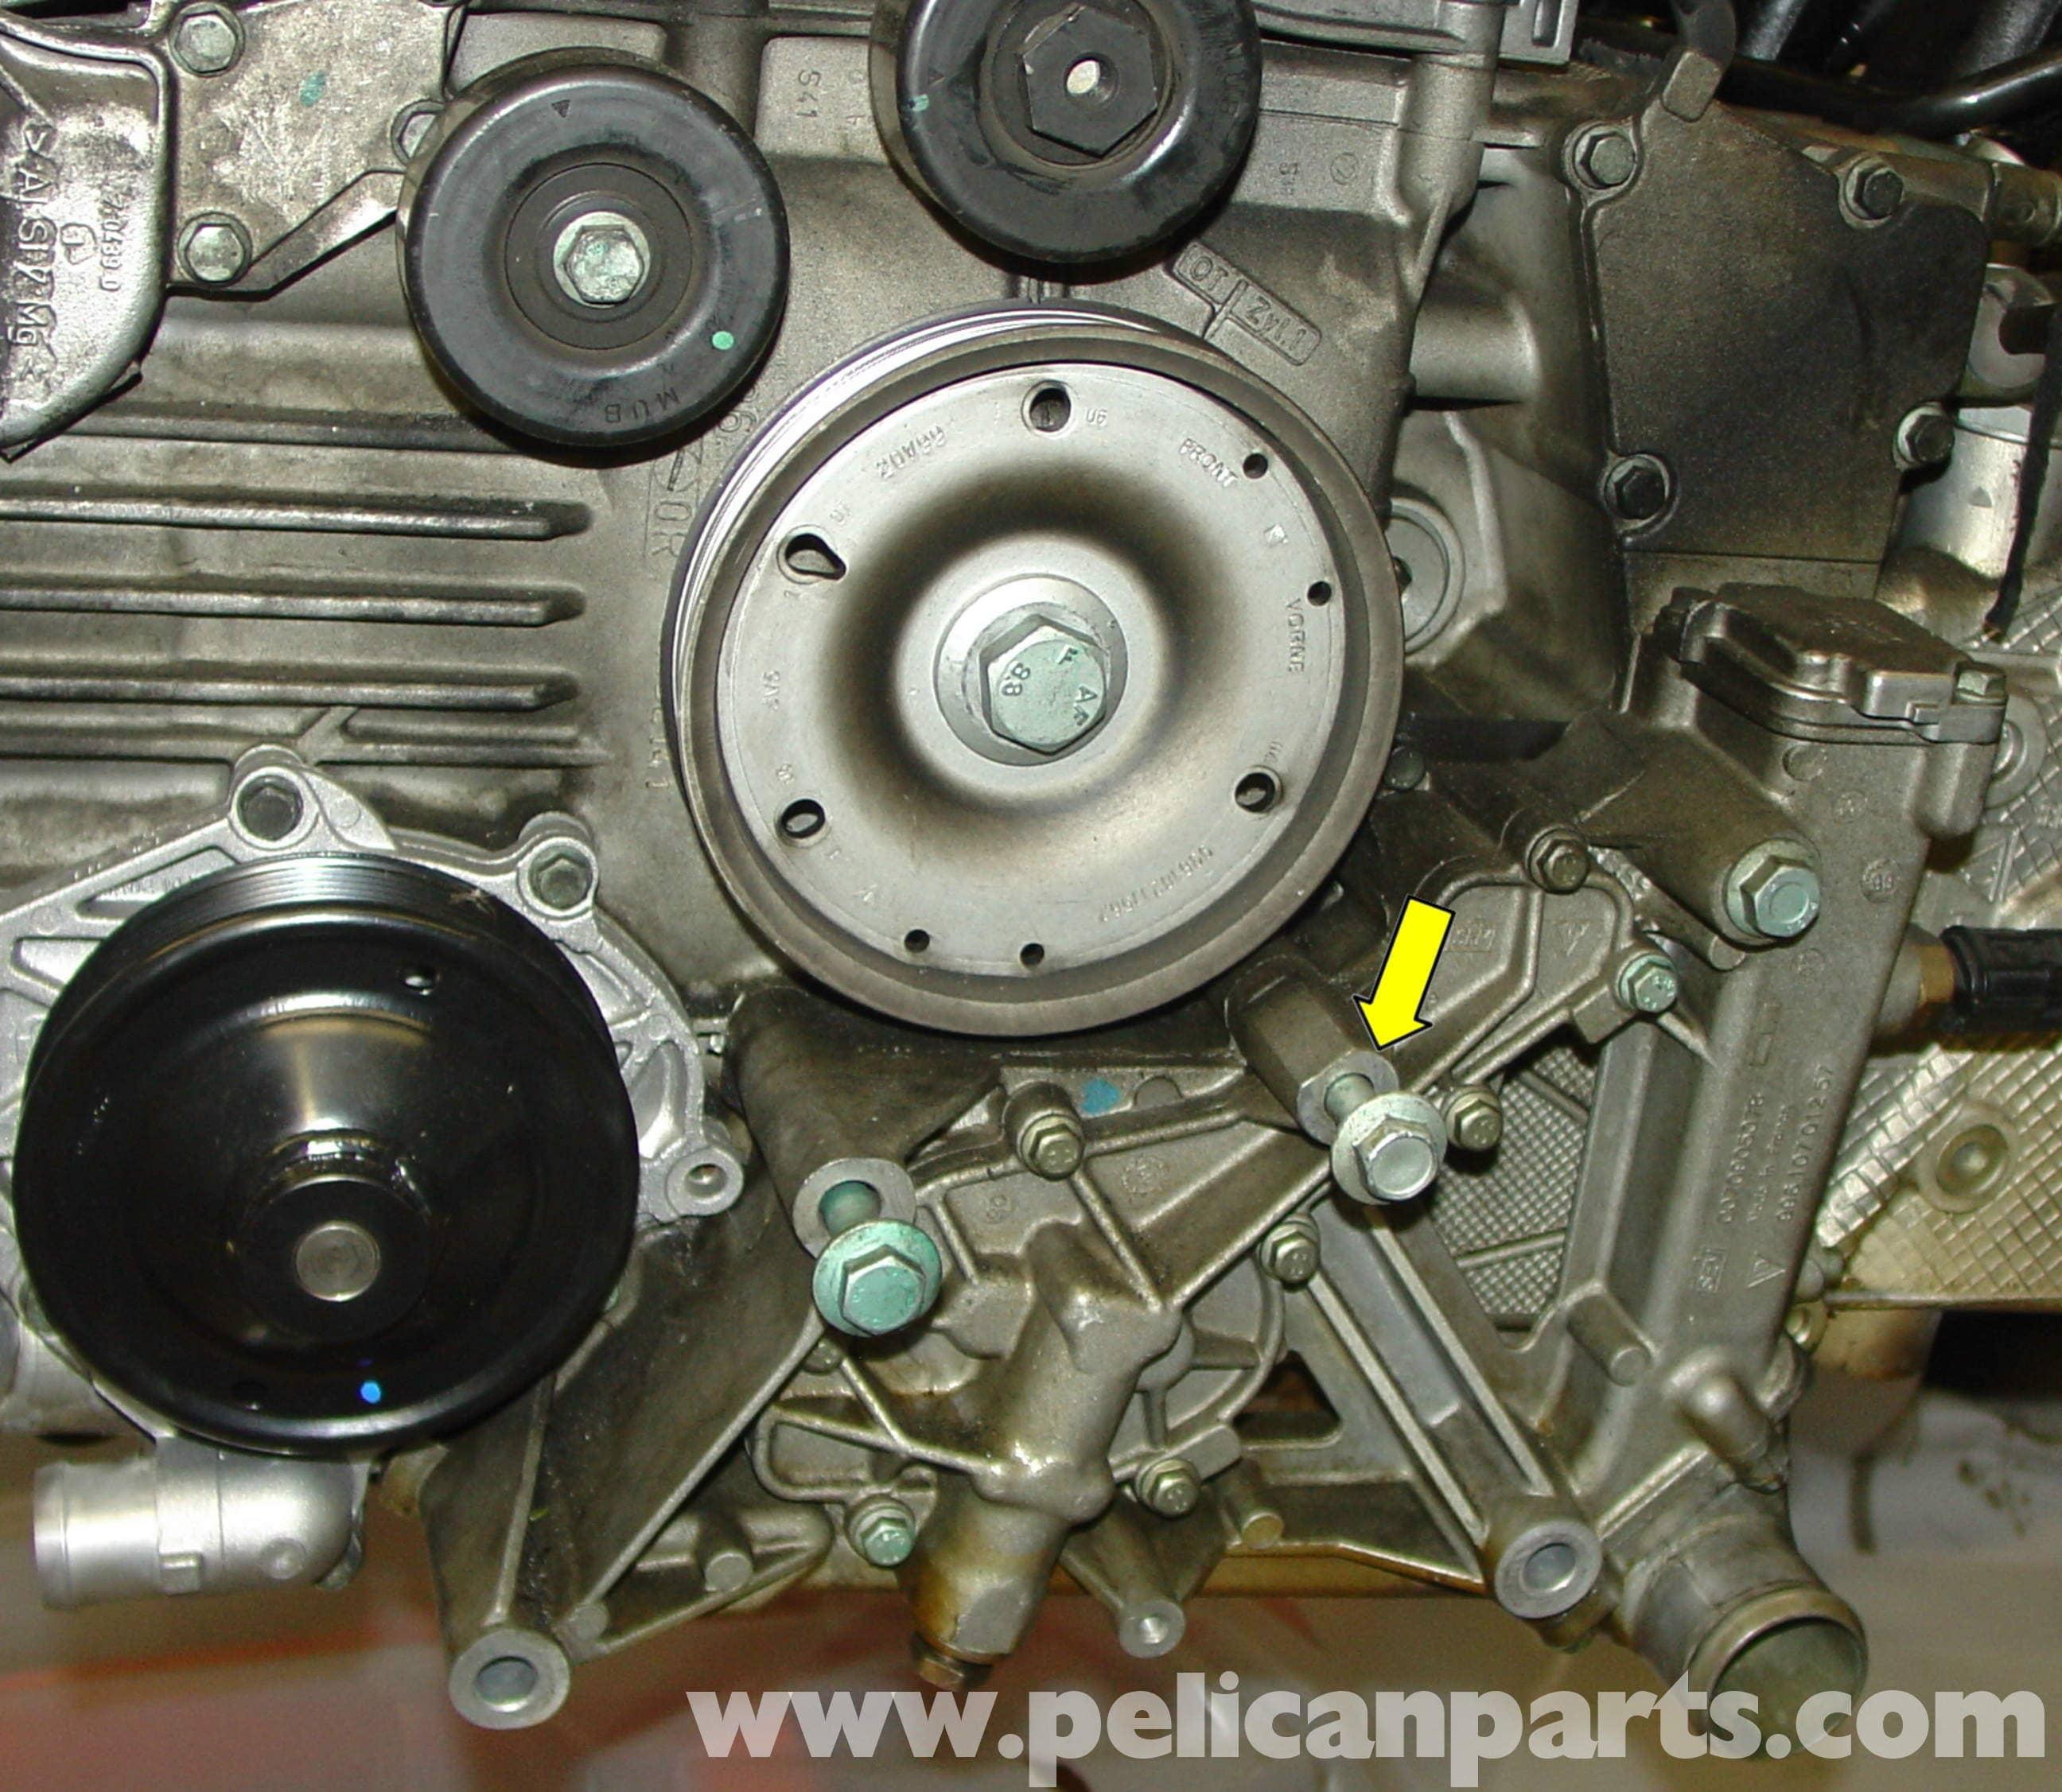 Porsche 911 Engine Swap: Porsche Boxster Engine Conversion Project